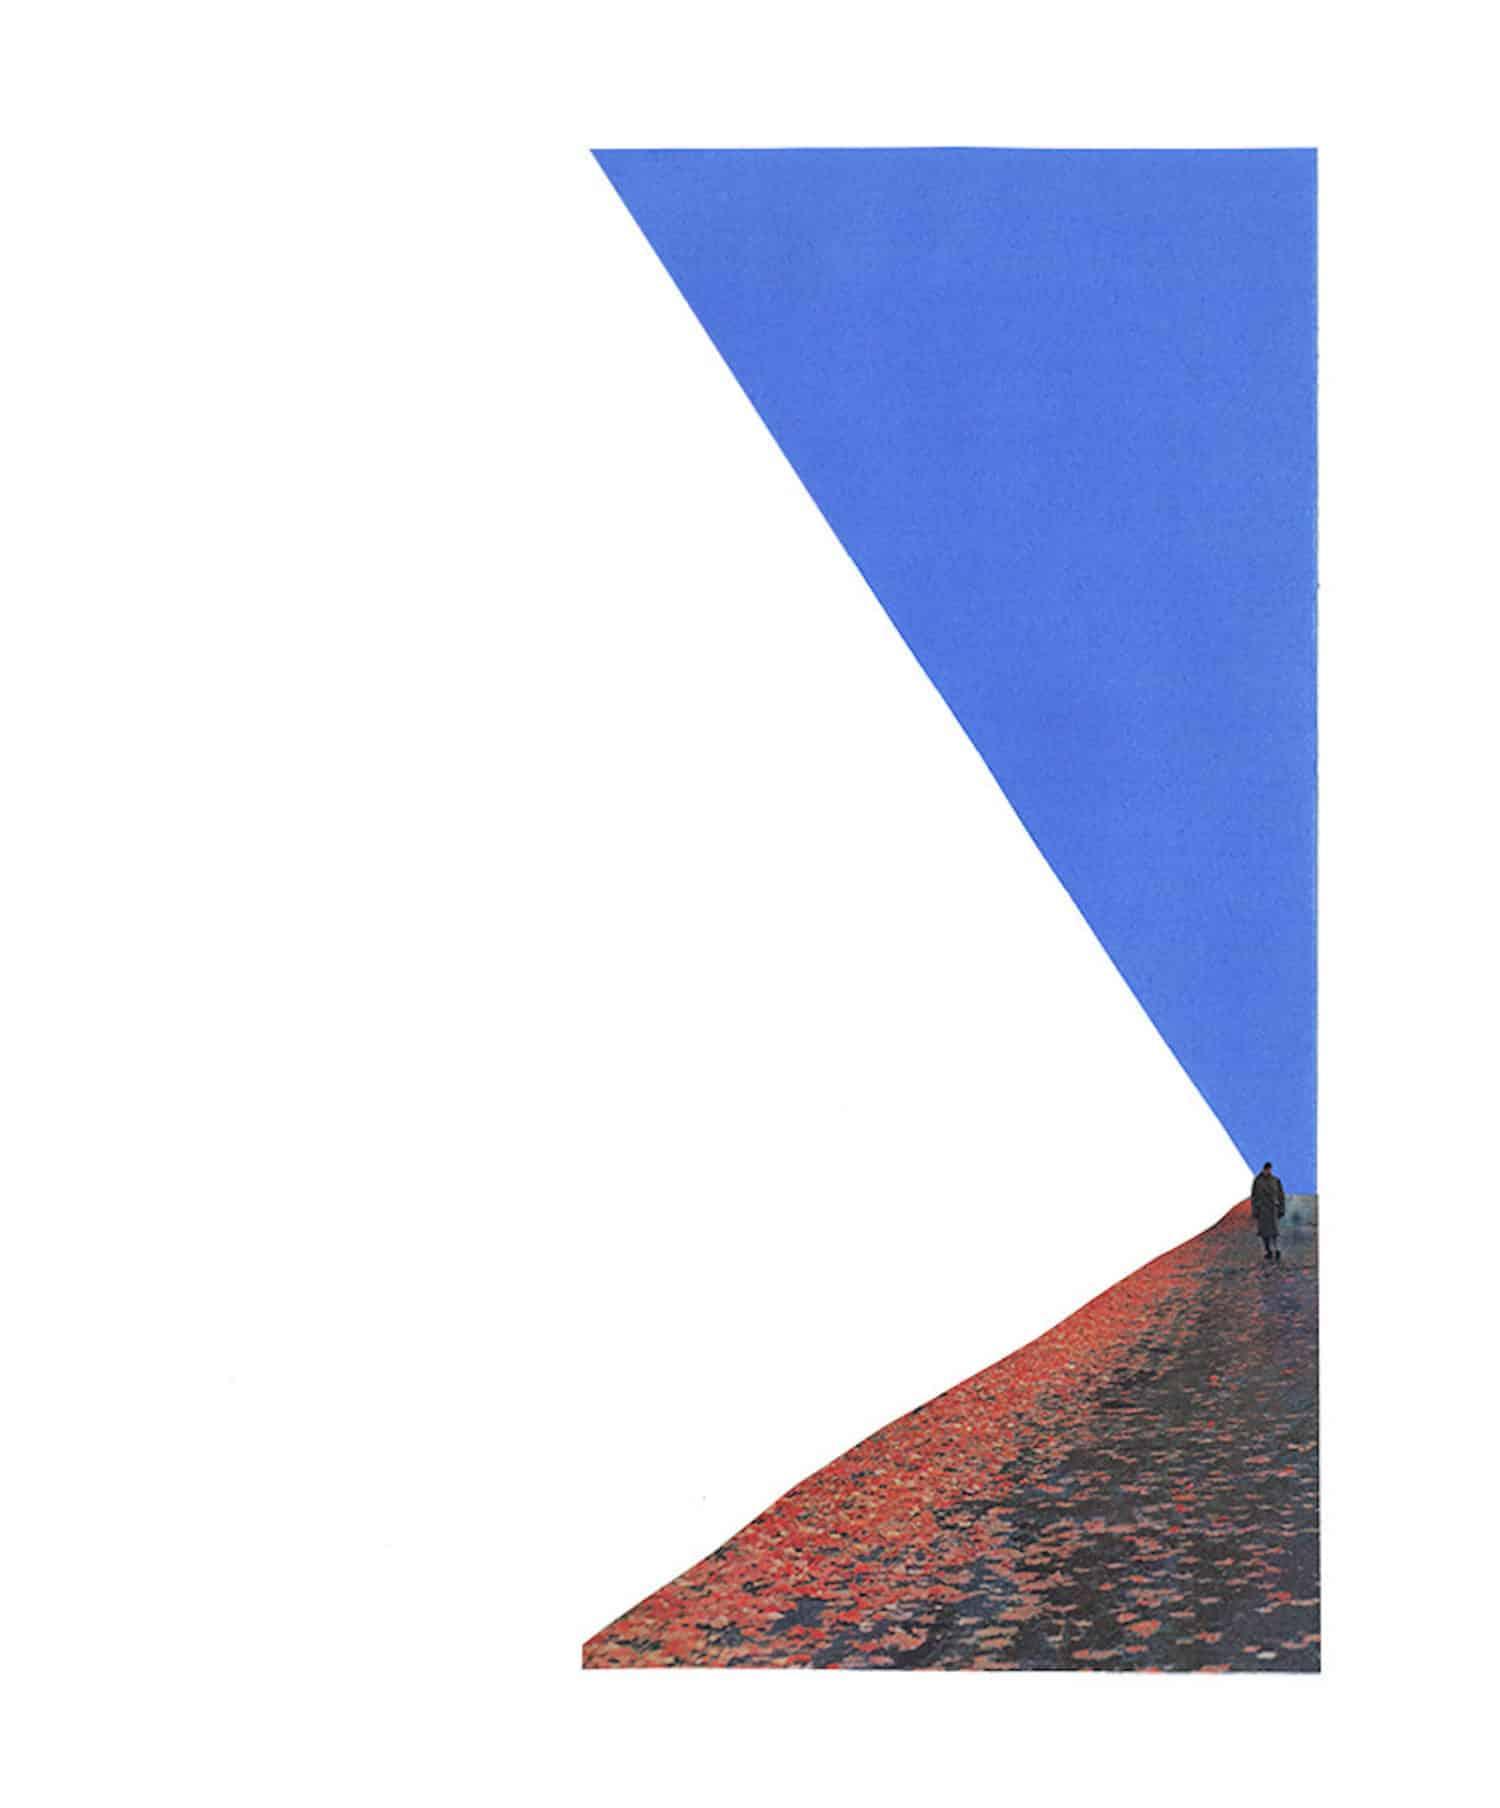 minimalistische collage